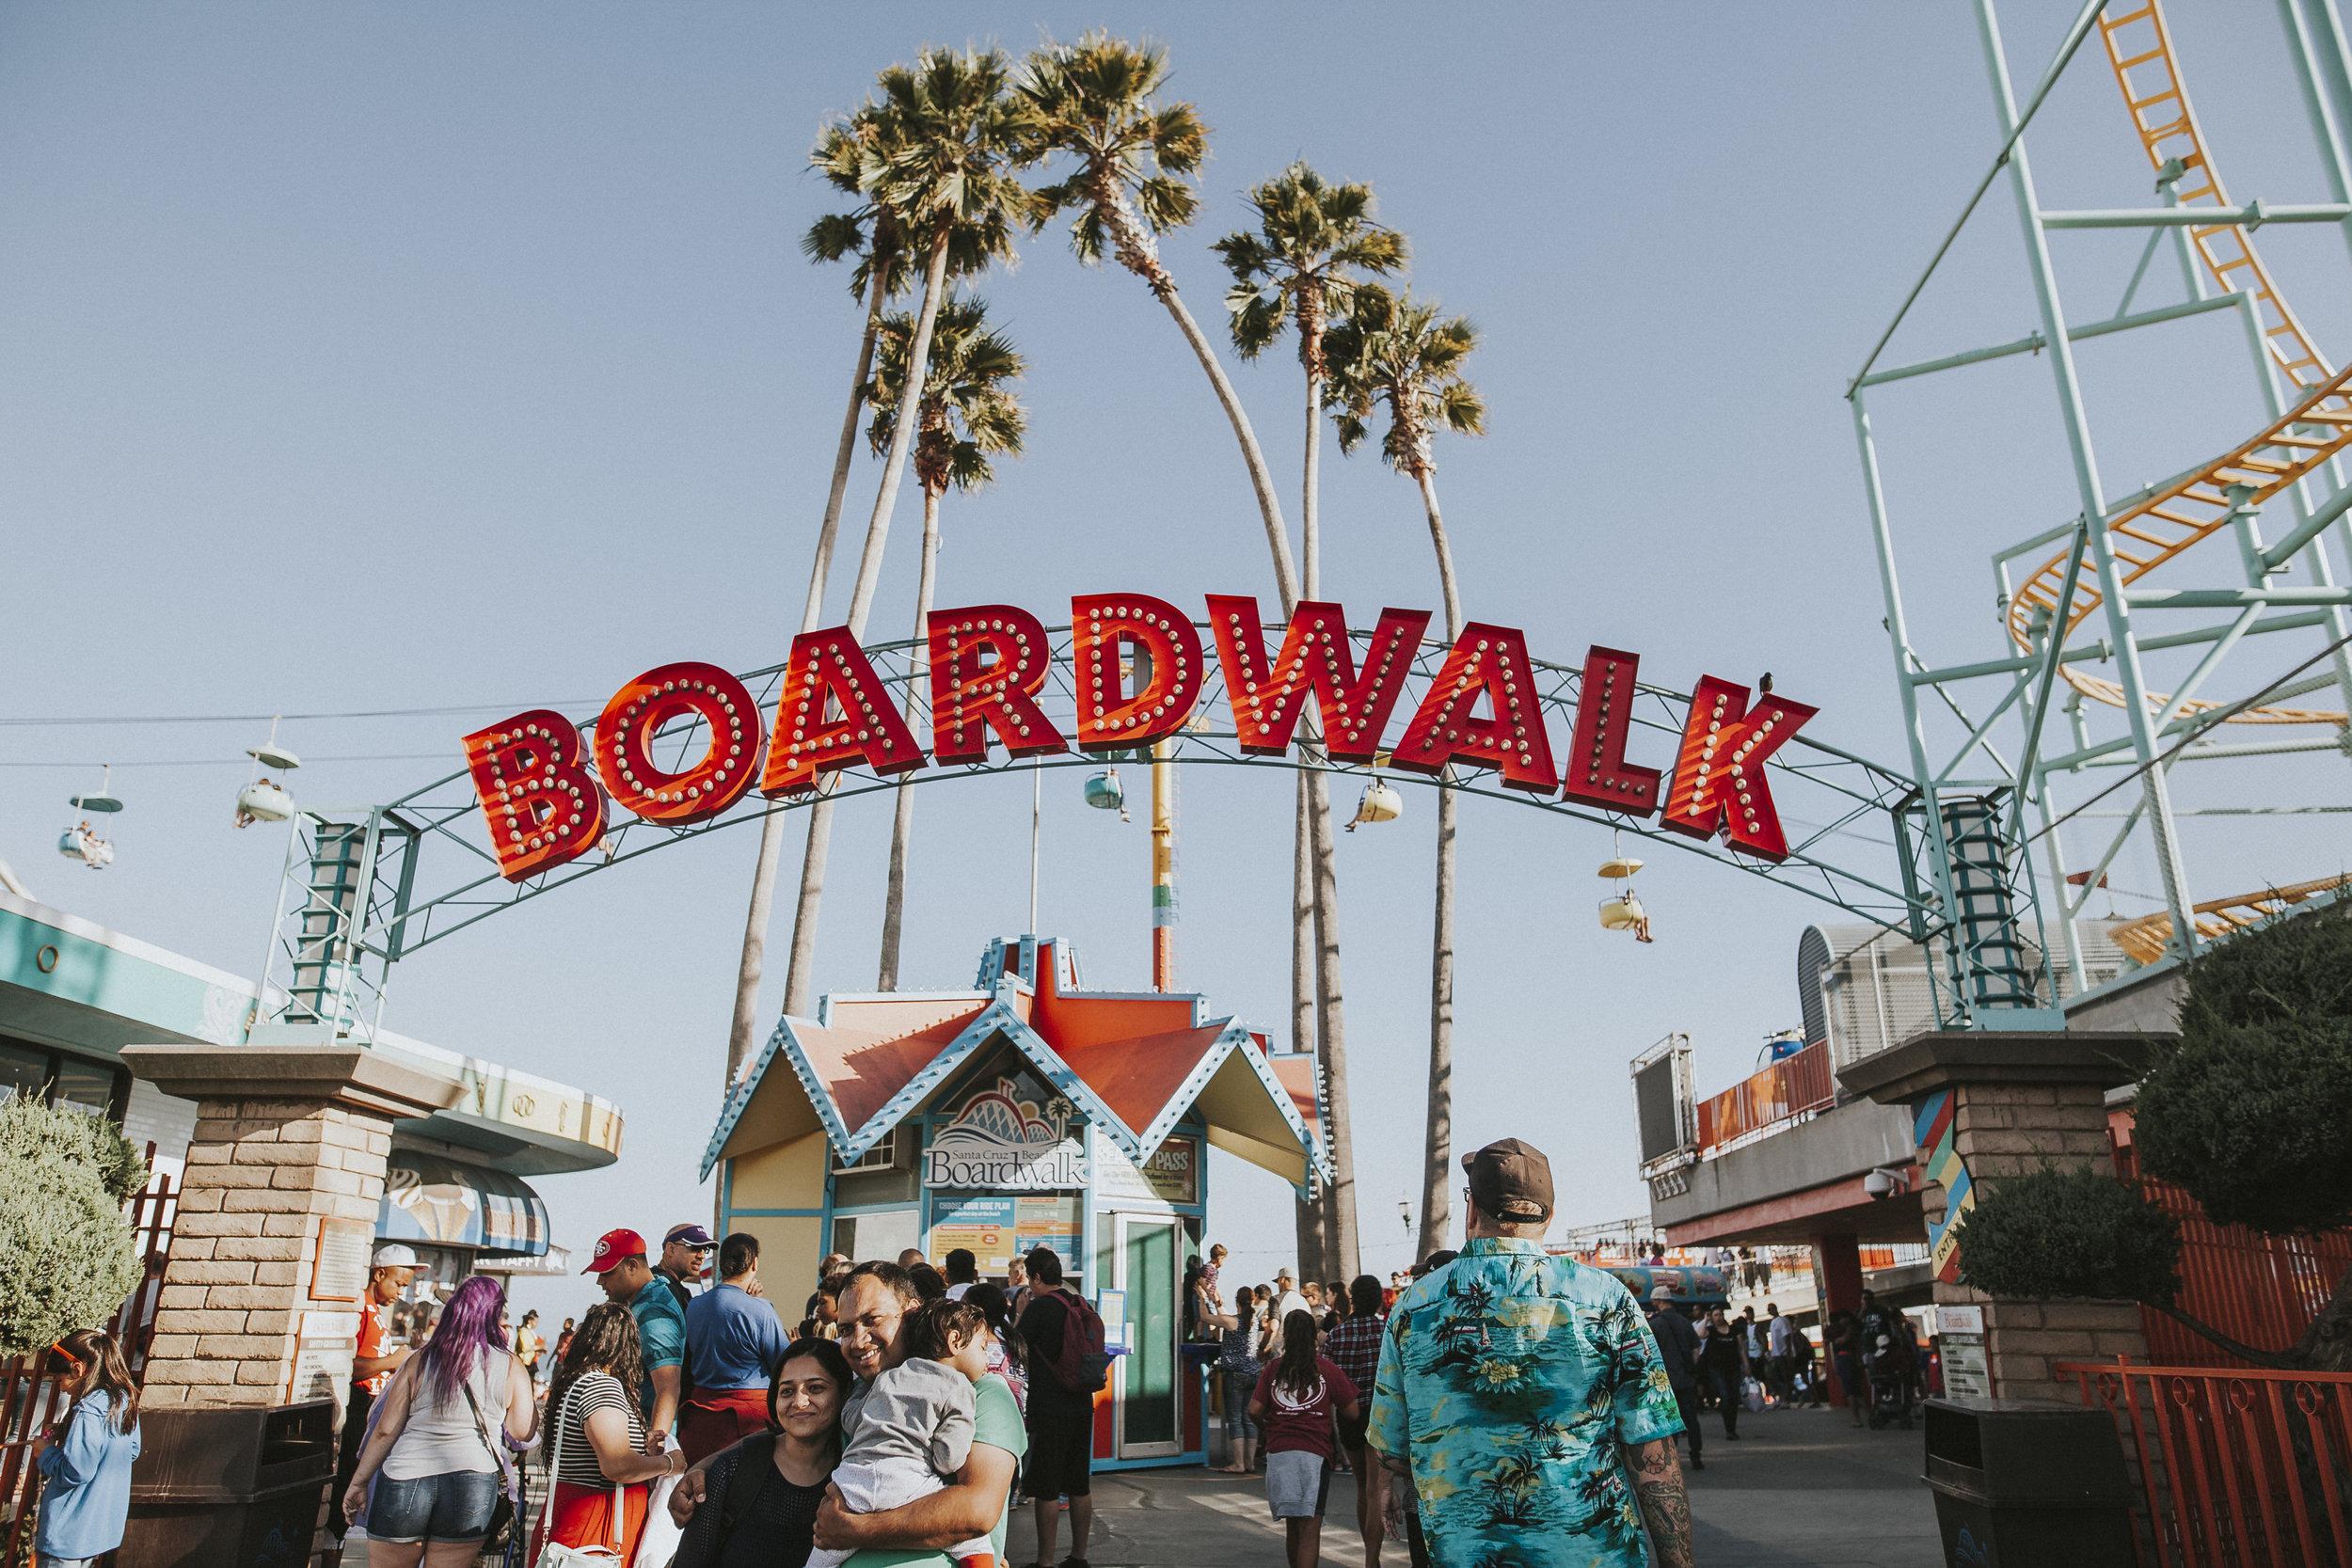 Boardwalk 1.jpg